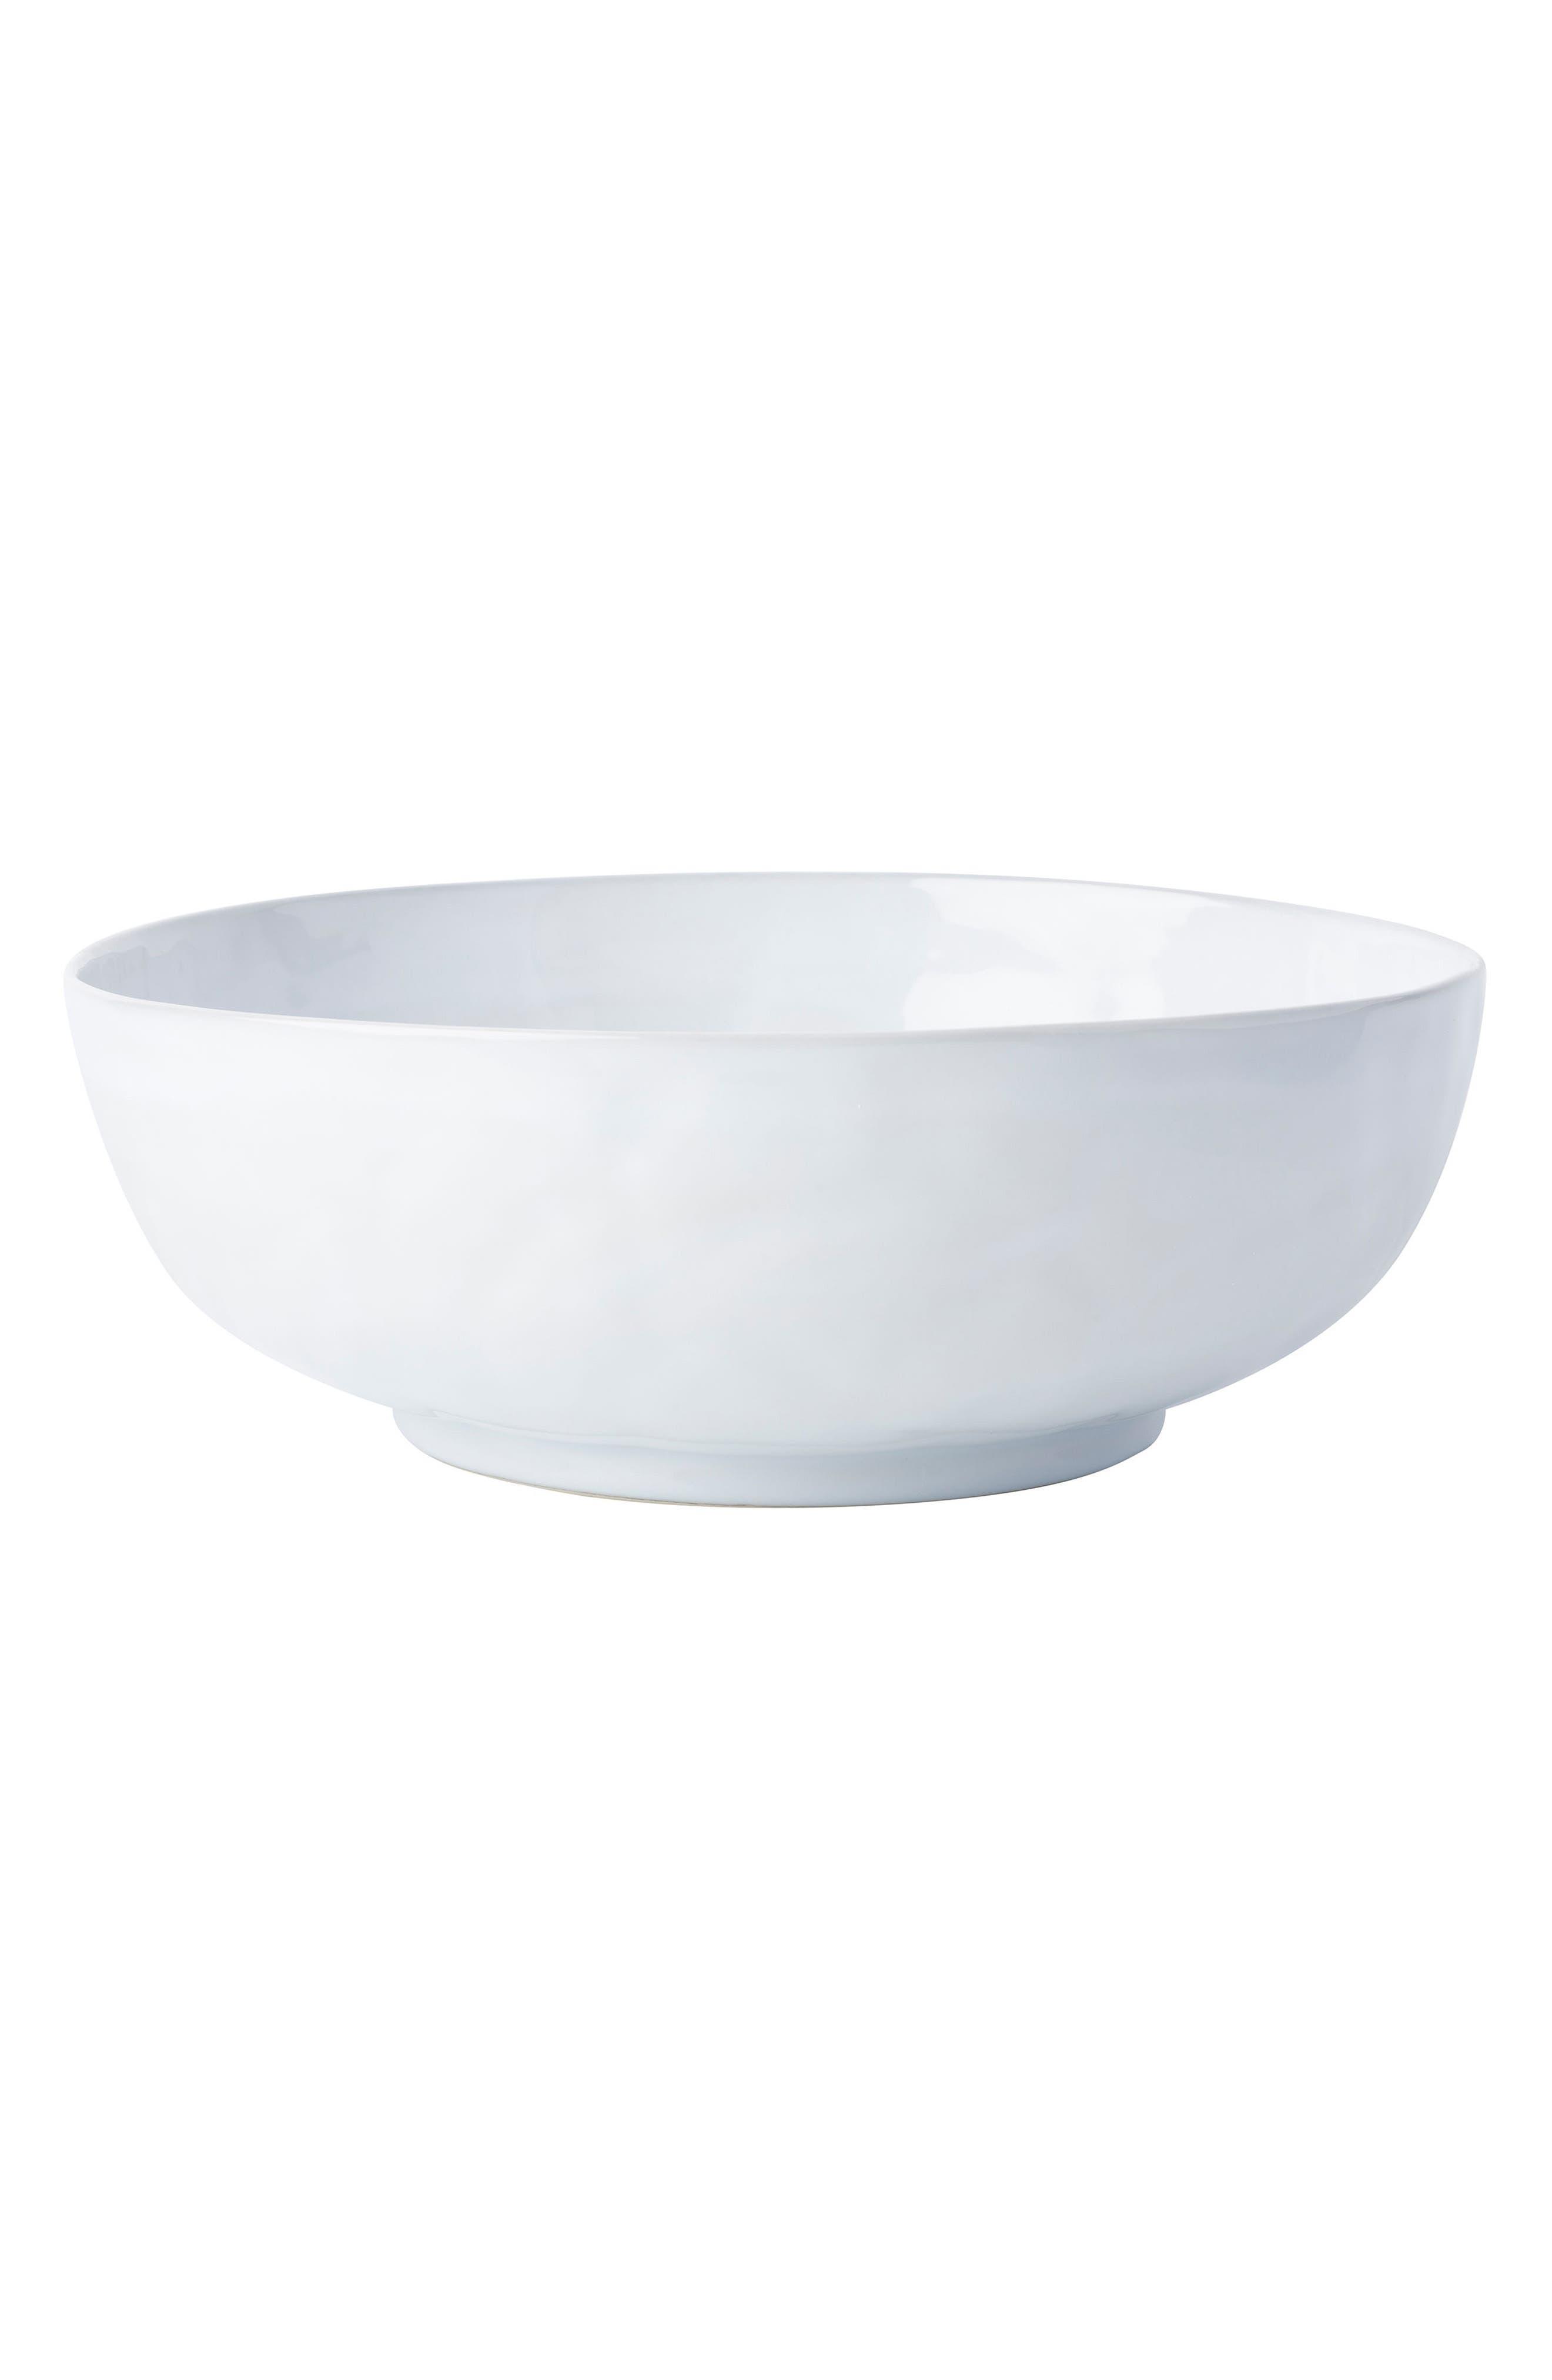 Quotidien White Truffle Serving Bowl,                         Main,                         color, 100